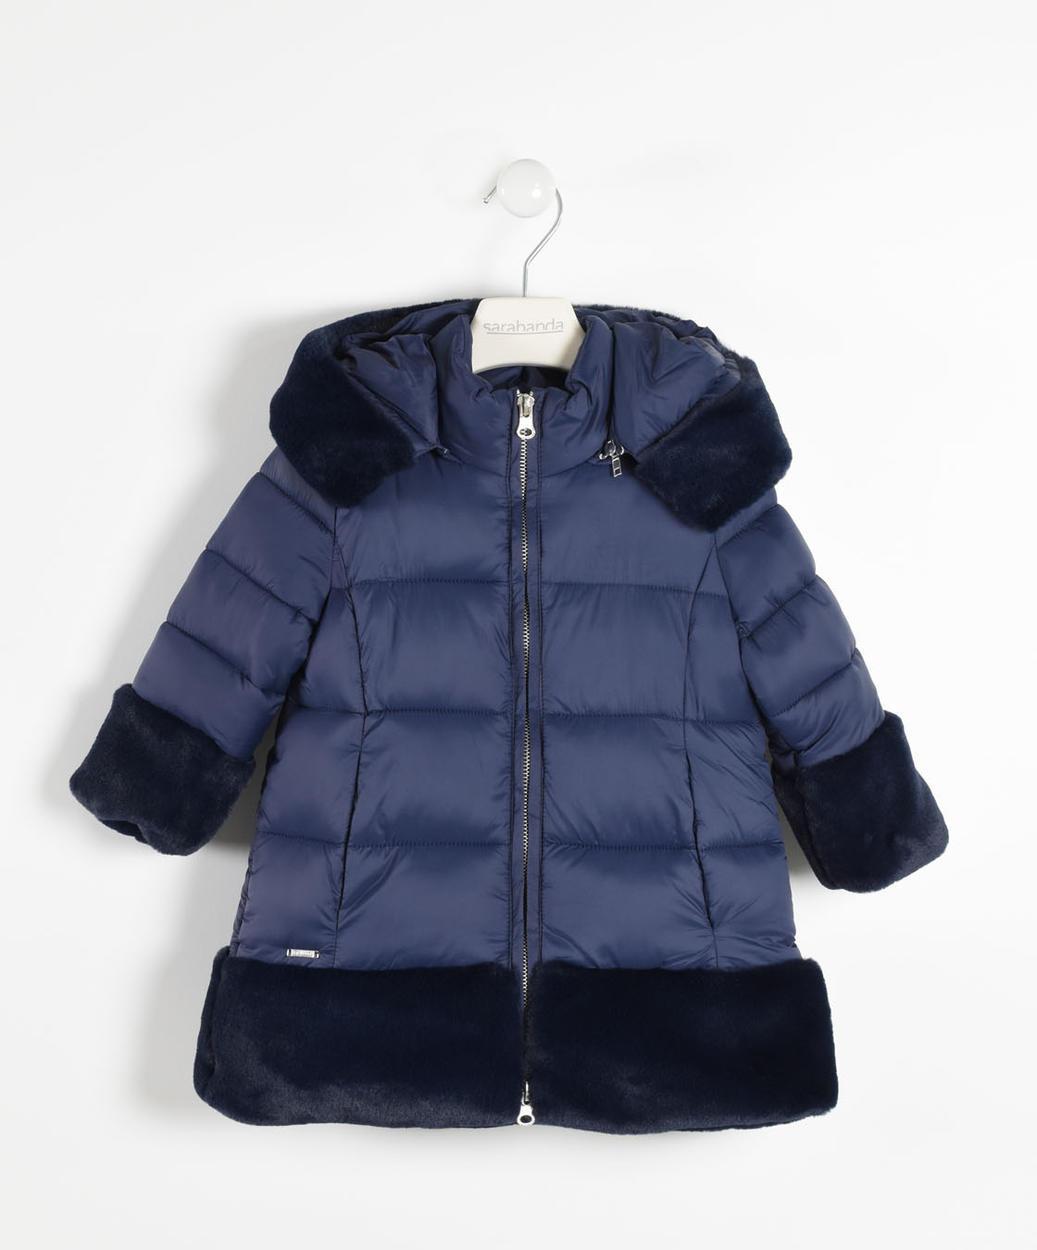 reputable site 9c0c4 a0e59 Elegante piumino con inserti in eco pelliccia per bambina da 6 mesi a 7  anni Sarabanda